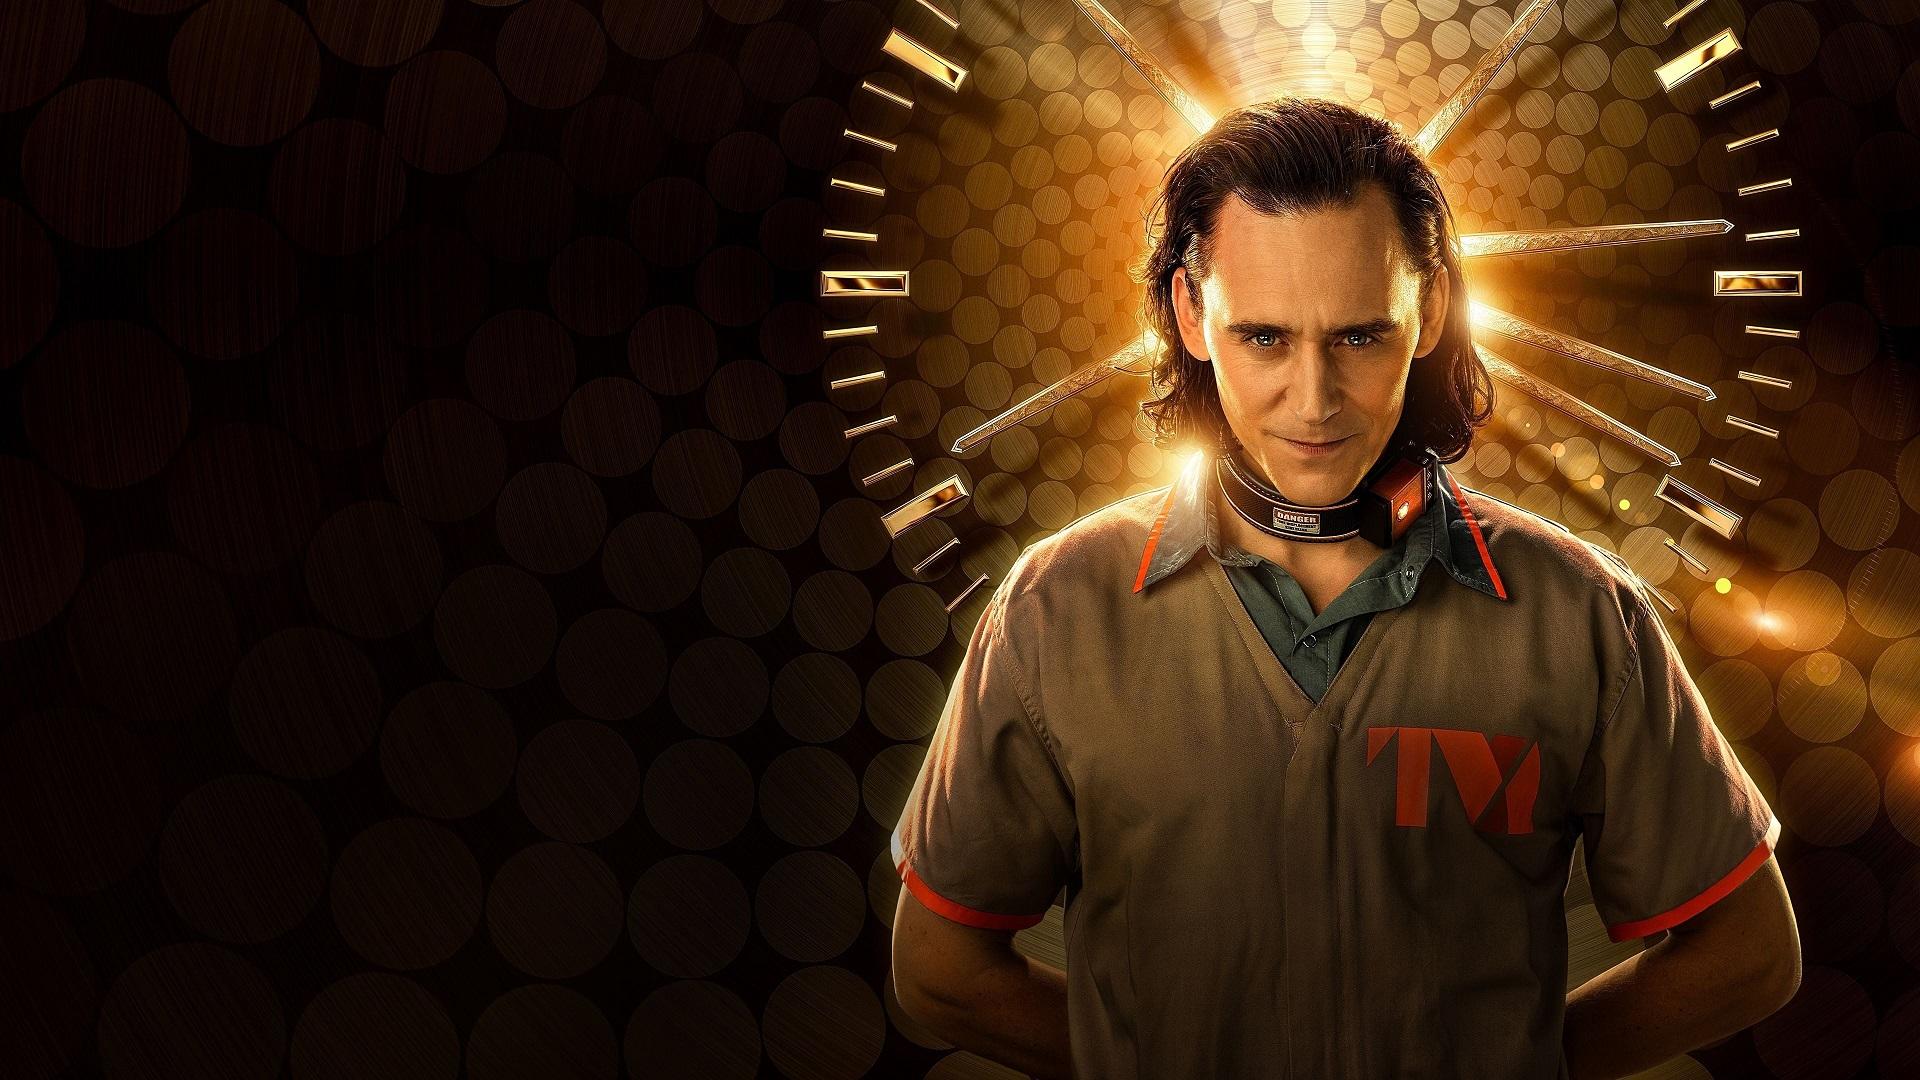 Junio en Disney Plus: se estrena Loki ¿Cómo será la serie?